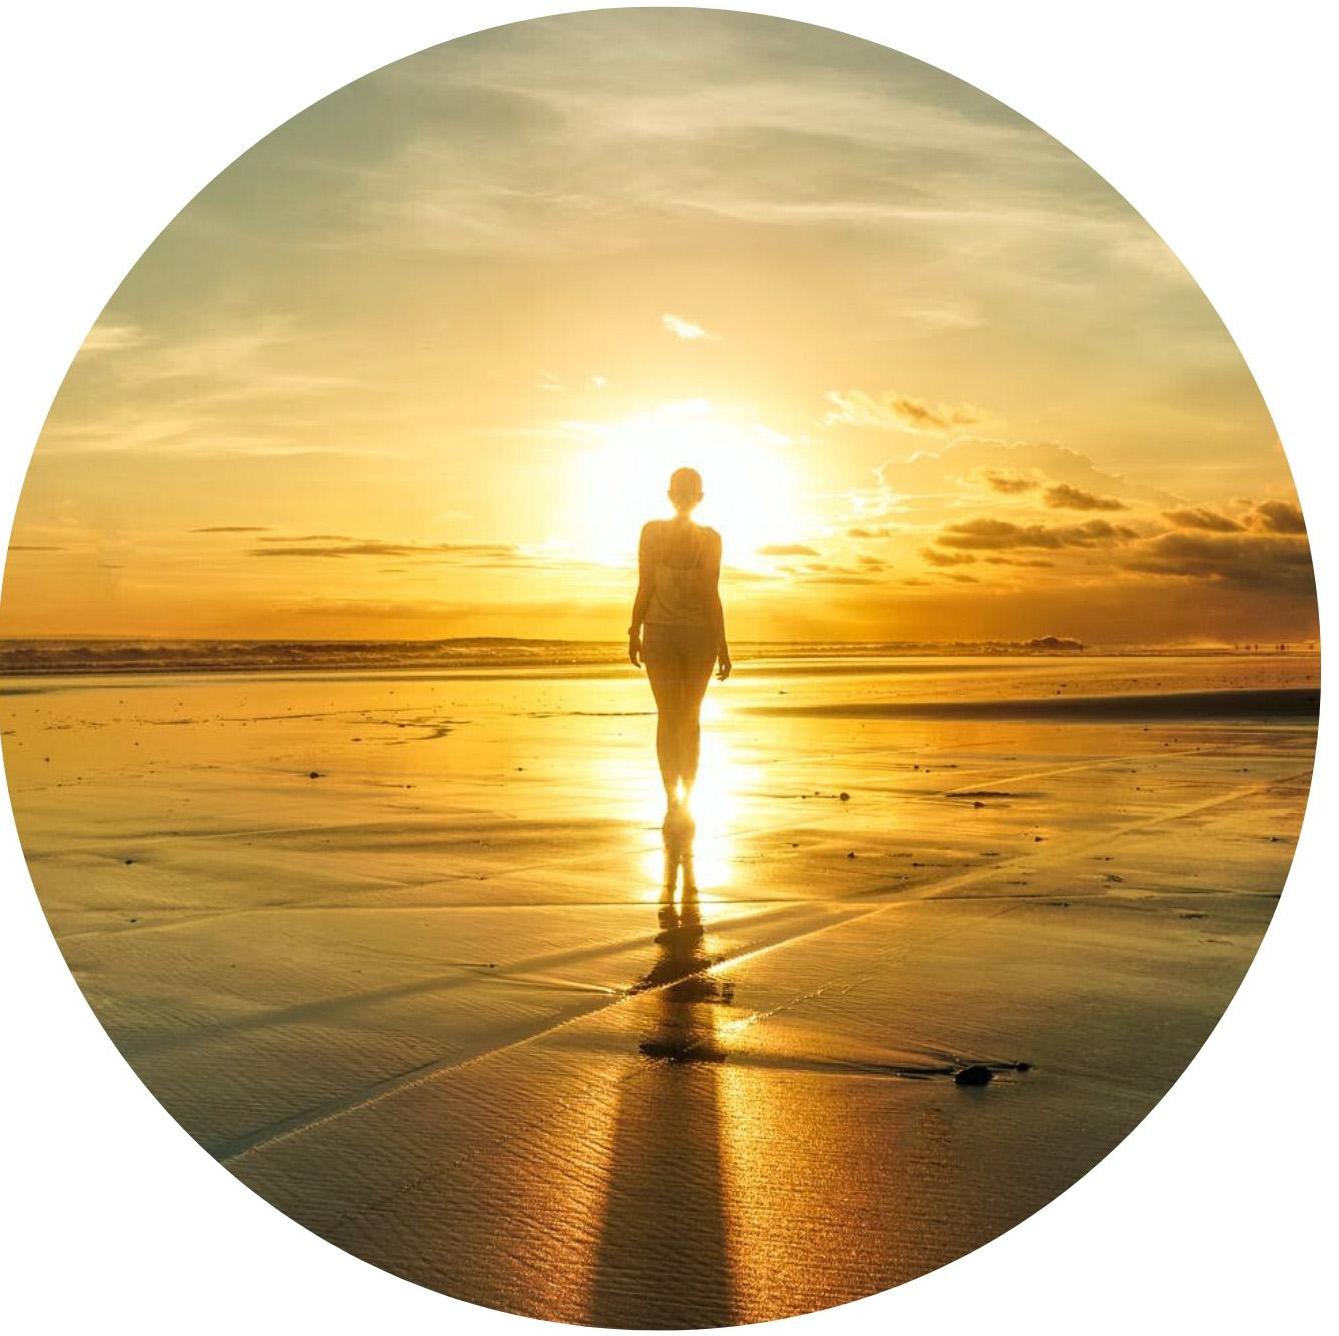 lichtwerker, spiritualiteit, nieuwe aarde, ontwaken